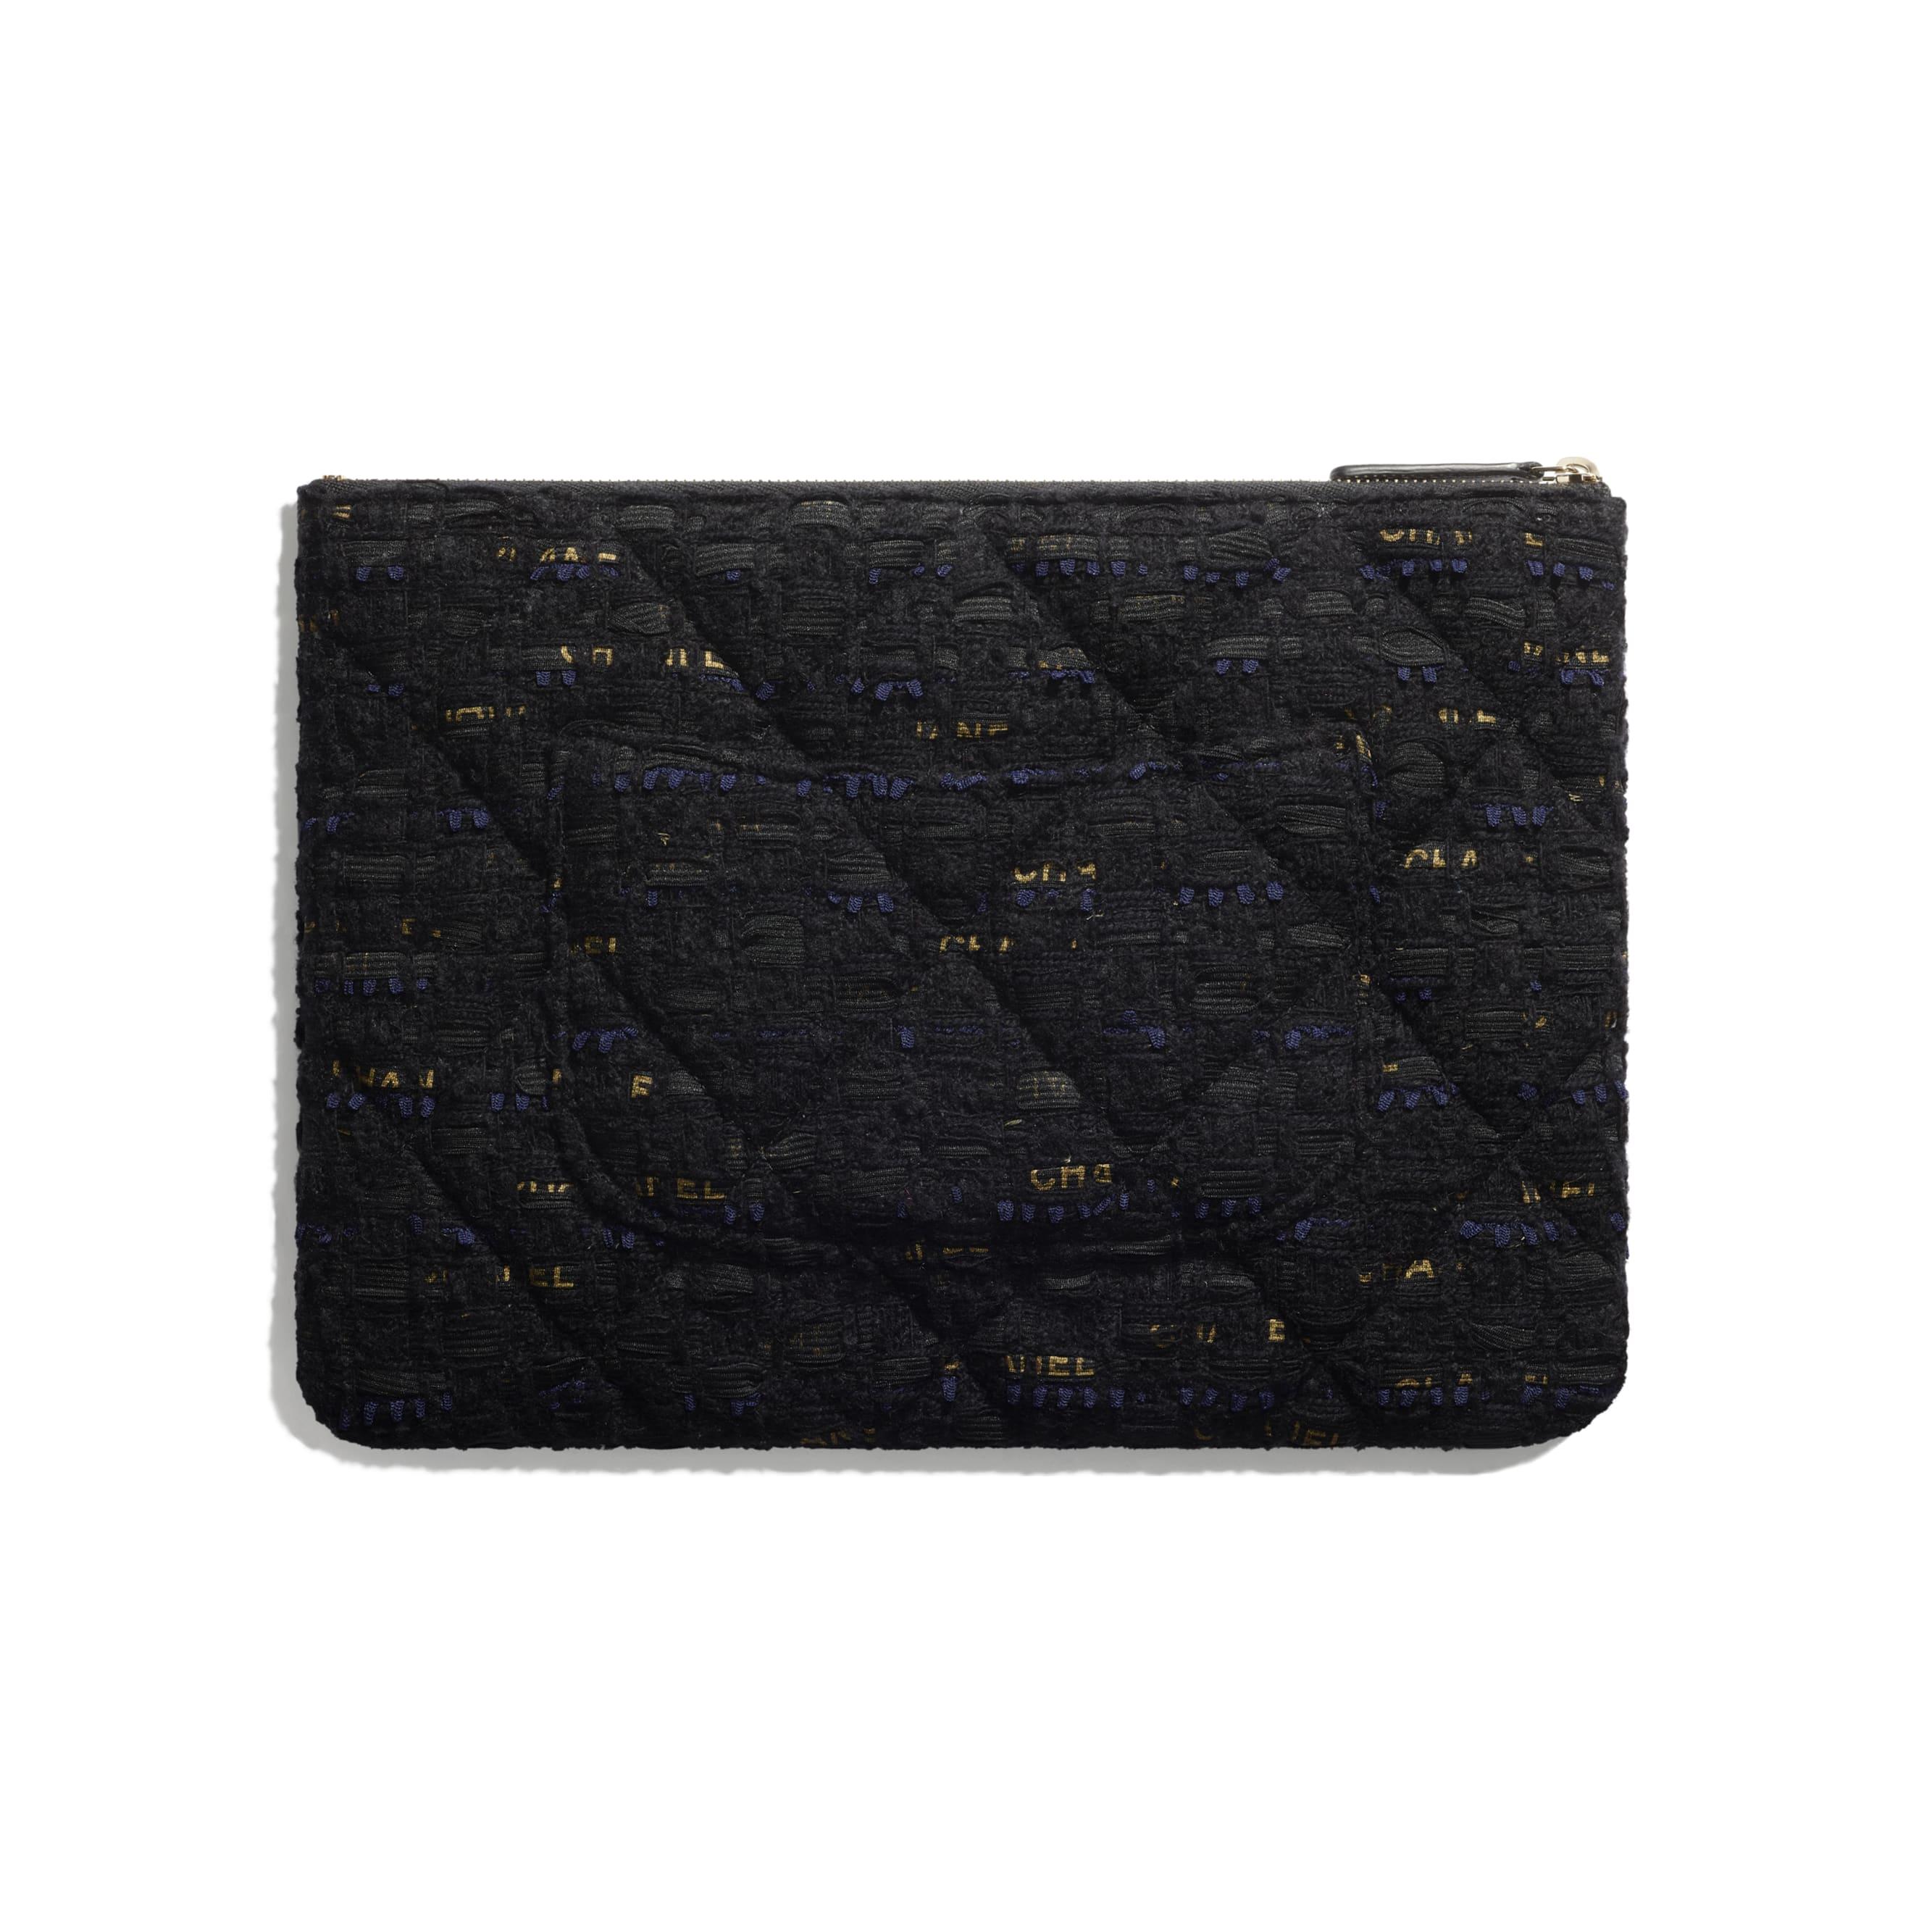 กระเป๋าเพาช์ CHANEL 19 - สีดำ สีน้ำเงินเนวี่บลู และสีทอง - ผ้าทวีตและโลหะสีทอง - CHANEL - มุมมองทางอื่น - ดูเวอร์ชันขนาดมาตรฐาน